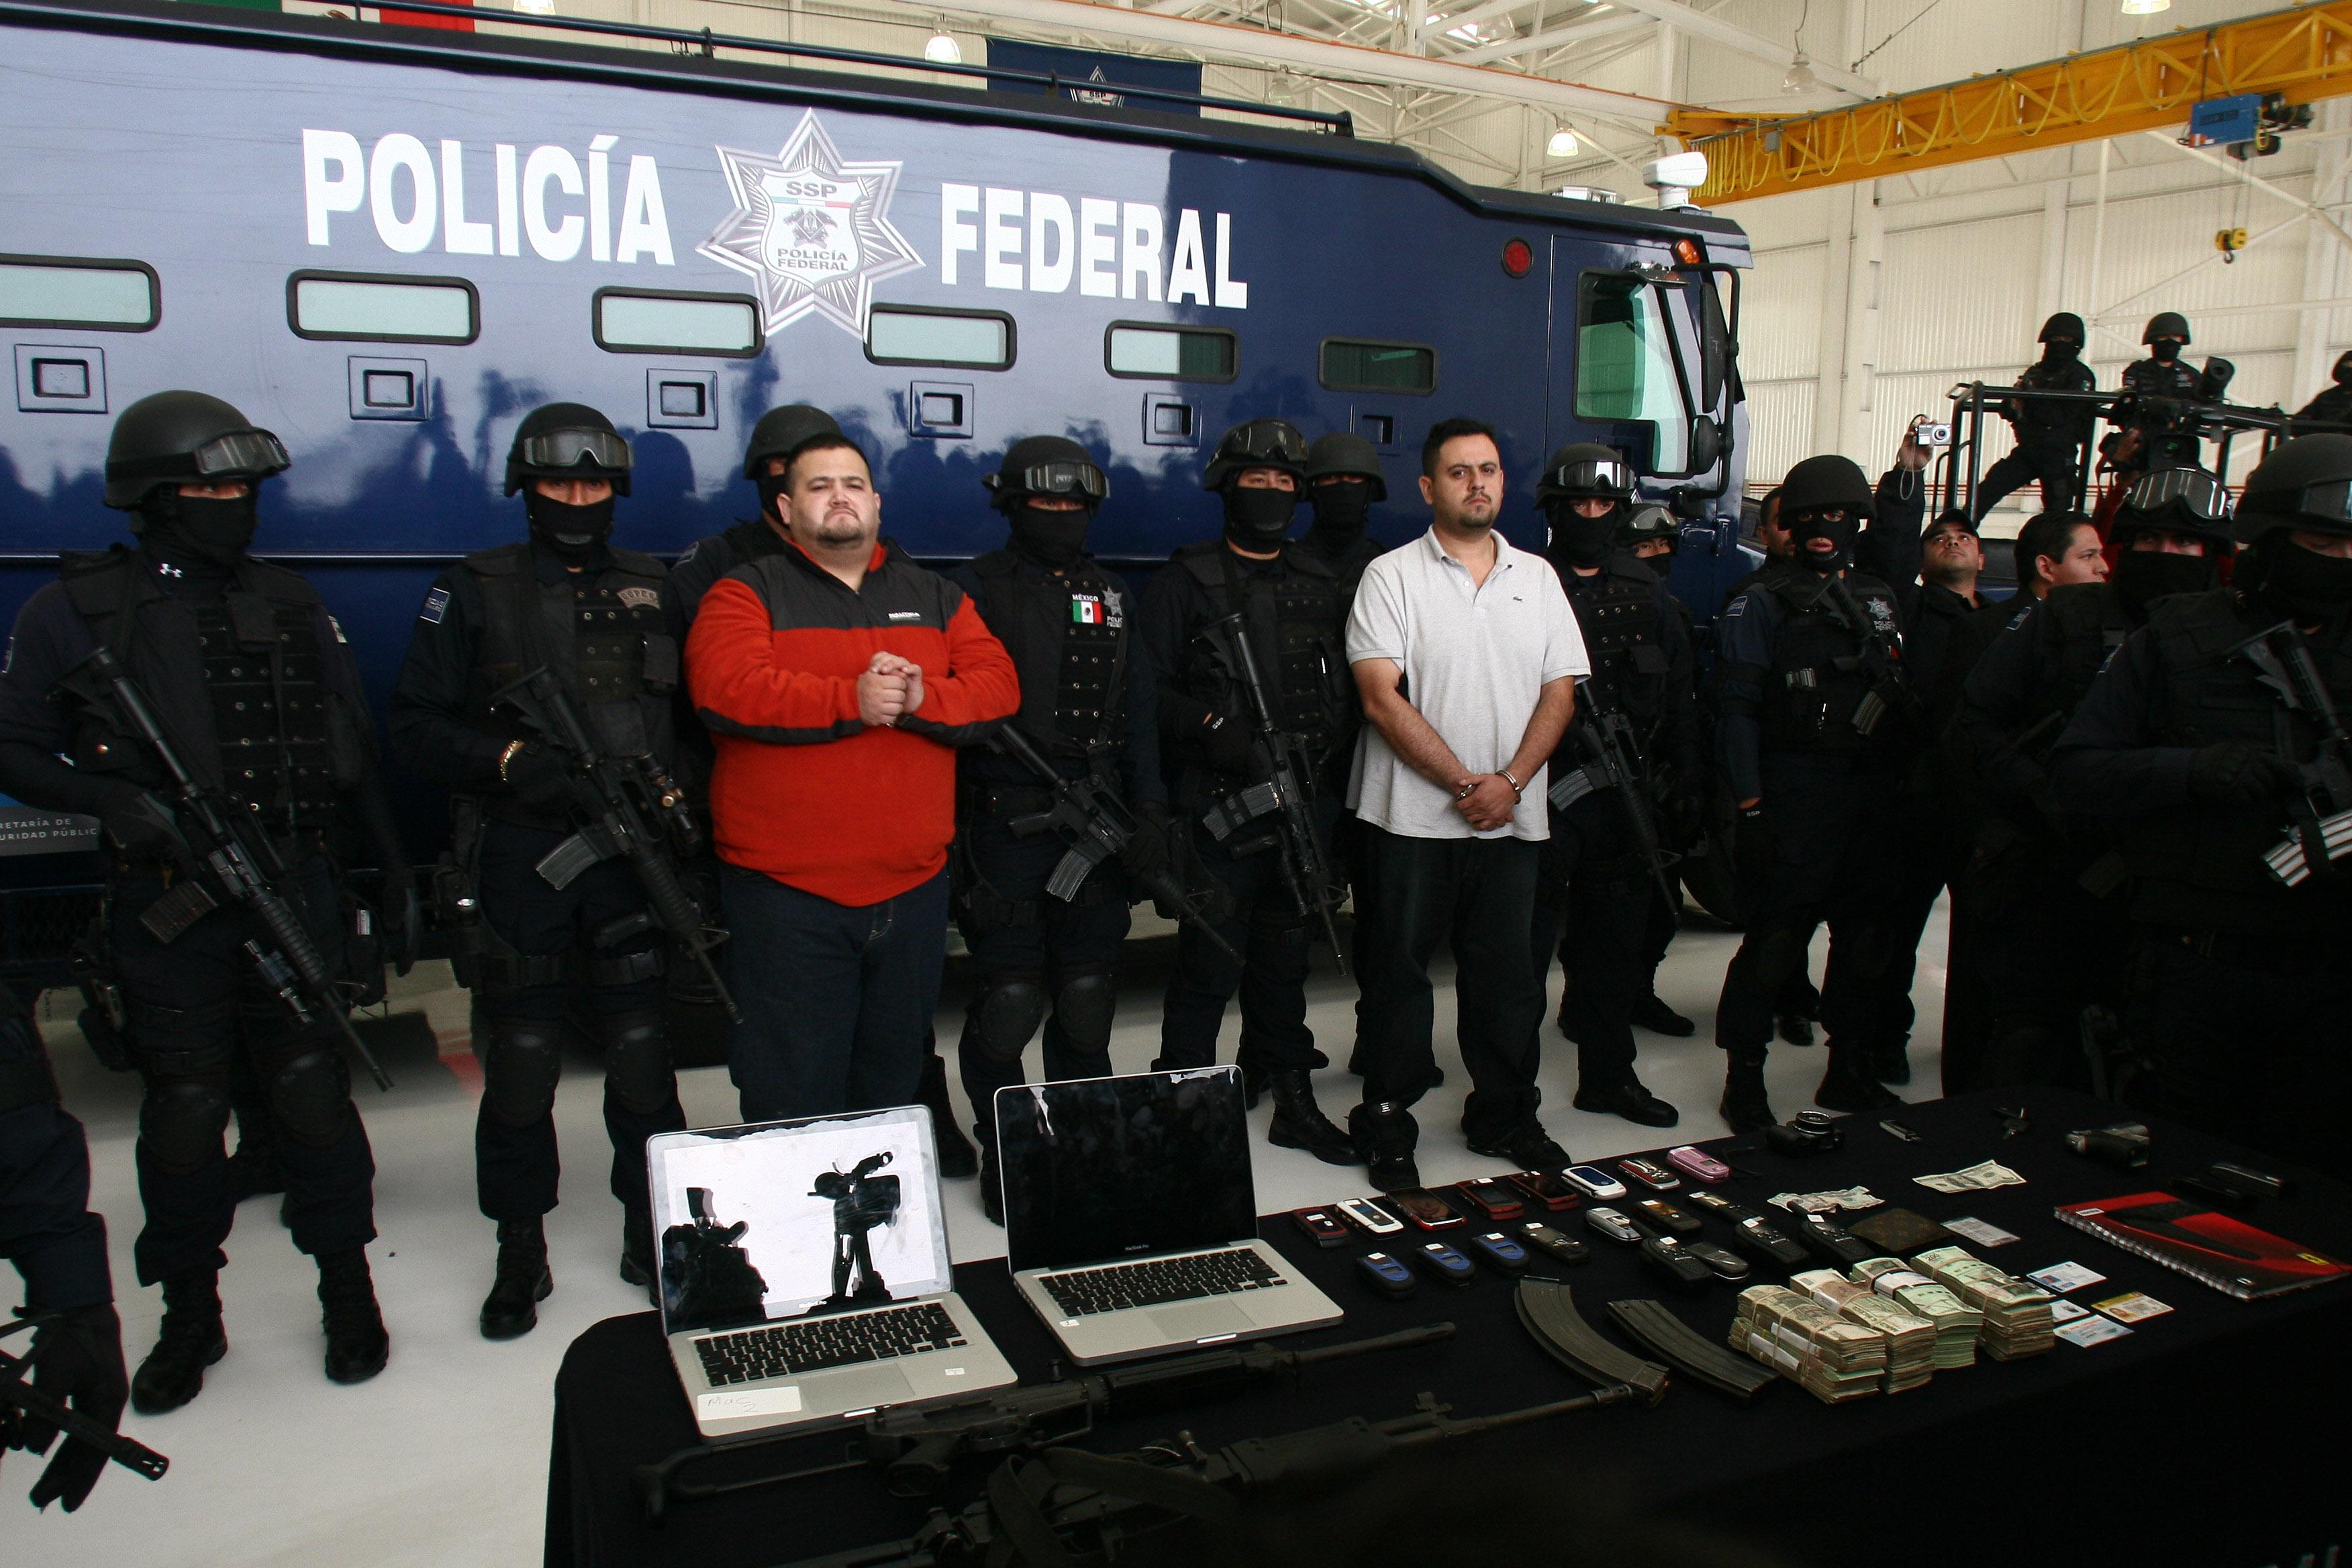 Teodoro García Simentel, lugarteniente del Cártel de Tijuana fue detenido (Foto: SAòL LîPEZ/CUARTOSCURO.COM)